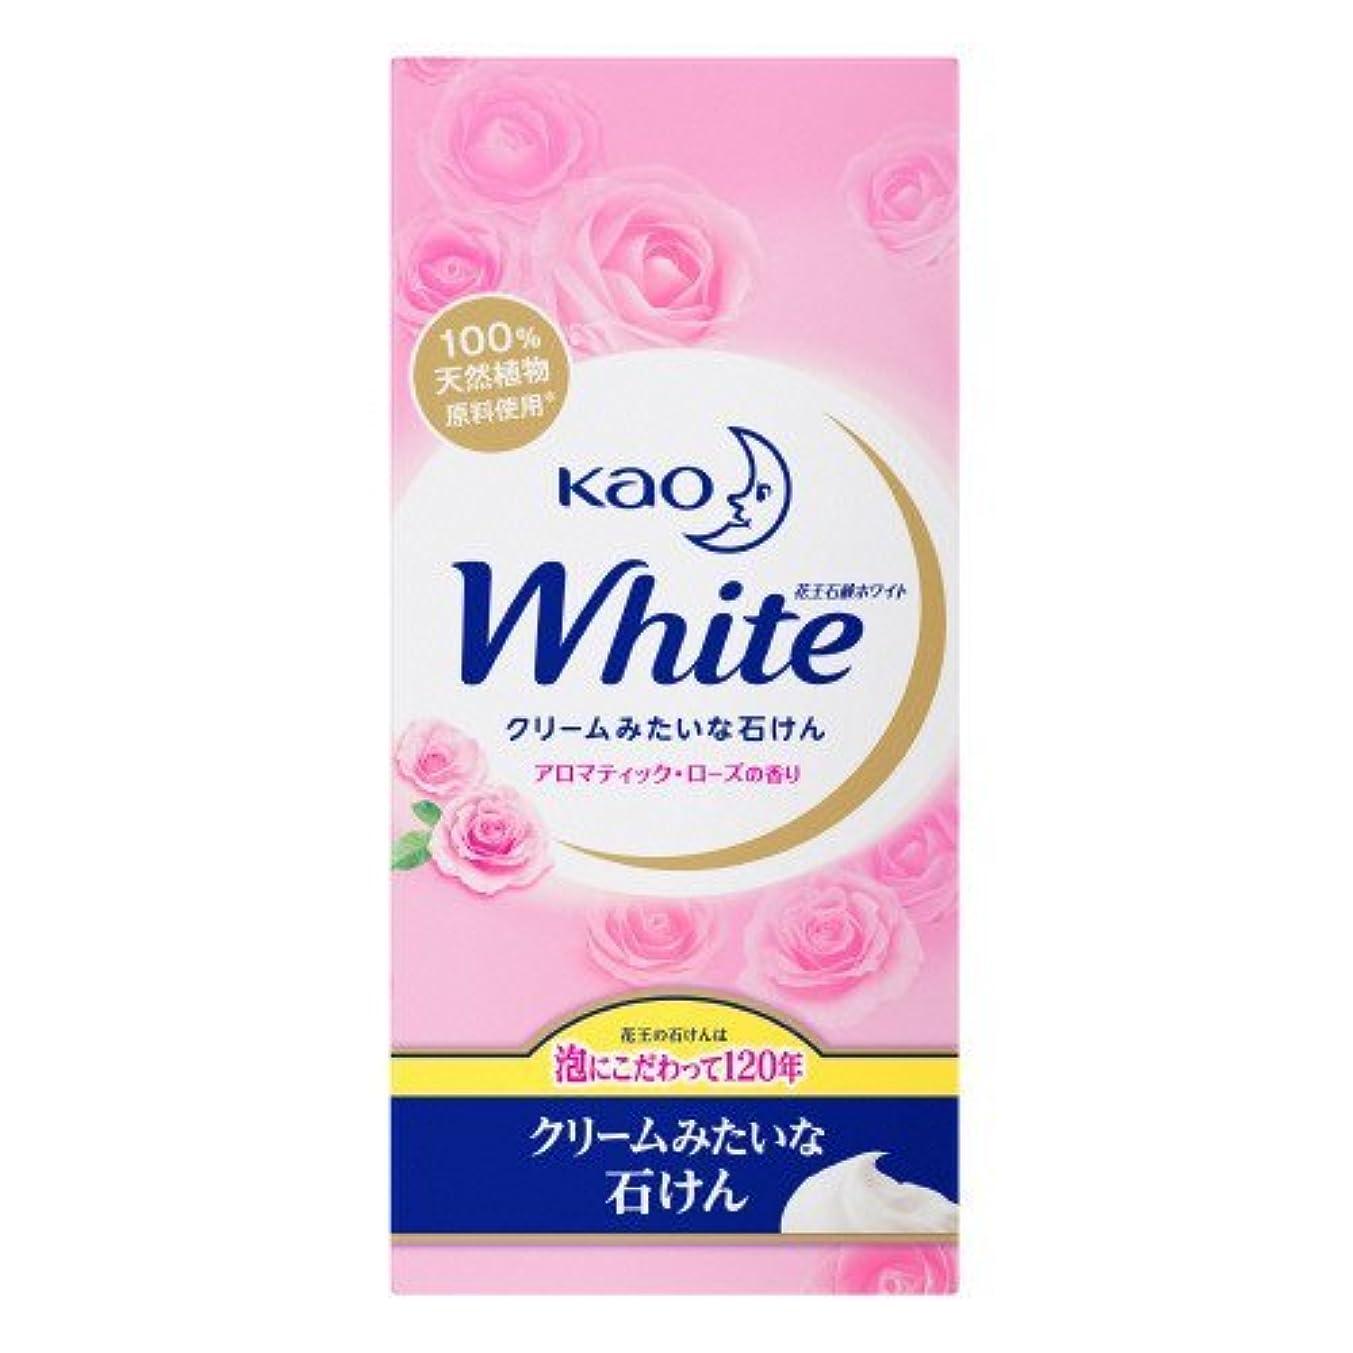 通りおなに【花王】花王ホワイト アロマティックローズの香りレギュラーサイズ (85g×6個) ×20個セット